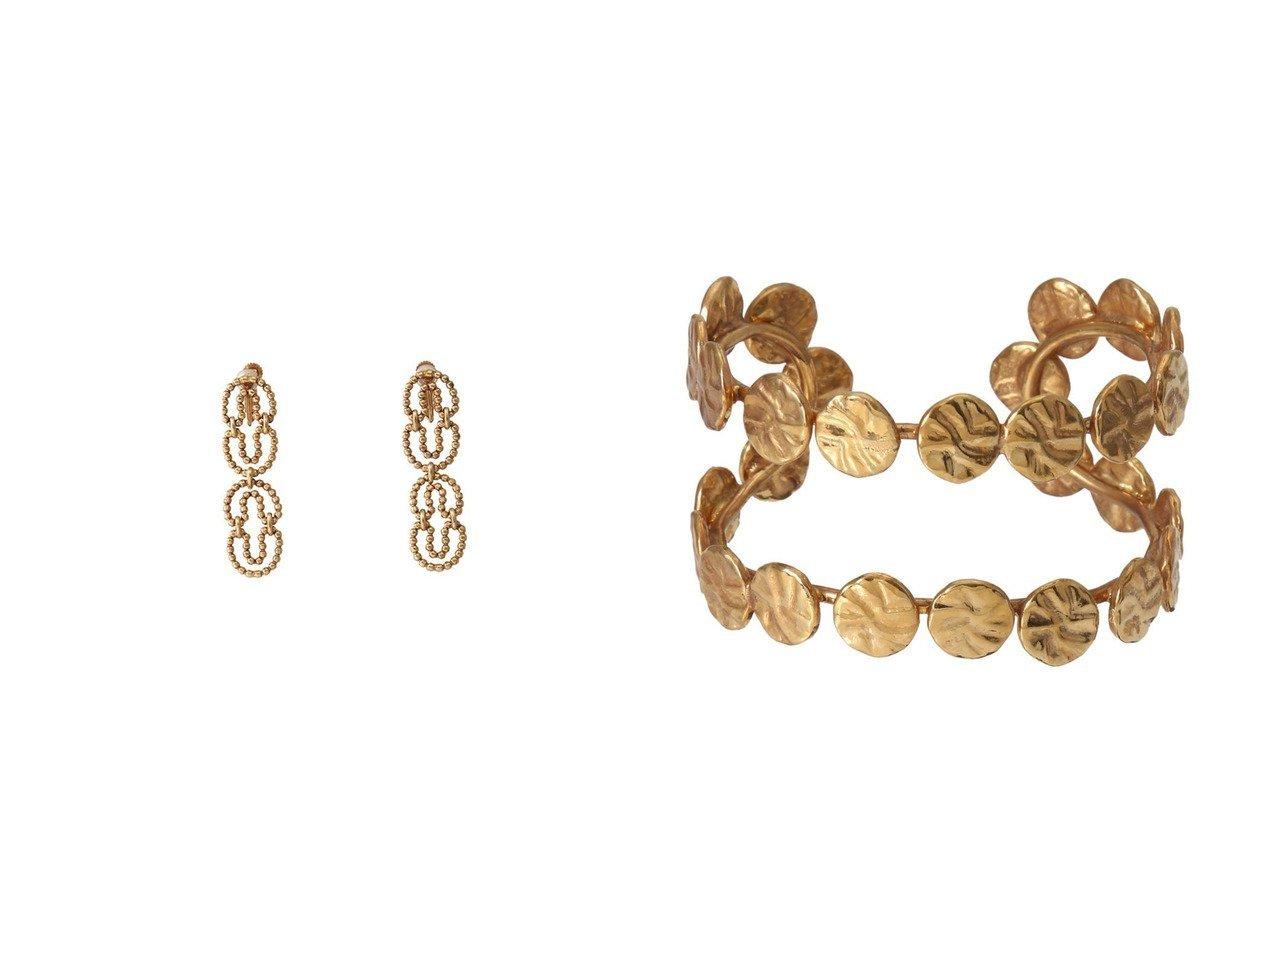 【ADER bijoux/アデル ビジュー】のCUT STEEL O イヤリング&COIN バングル 【アクセサリー・ジュエリー】おすすめ!人気、トレンド・レディースファッションの通販 おすすめで人気の流行・トレンド、ファッションの通販商品 インテリア・家具・メンズファッション・キッズファッション・レディースファッション・服の通販 founy(ファニー) https://founy.com/ ファッション Fashion レディースファッション WOMEN ジュエリー Jewelry リング Rings イヤリング Earrings ブレスレット Bracelets バングル Bangles イヤリング チェーン モダン モチーフ ヴィンテージ A/W・秋冬 AW・Autumn/Winter・FW・Fall-Winter コイン シンプル バングル 今季  ID:crp329100000072199